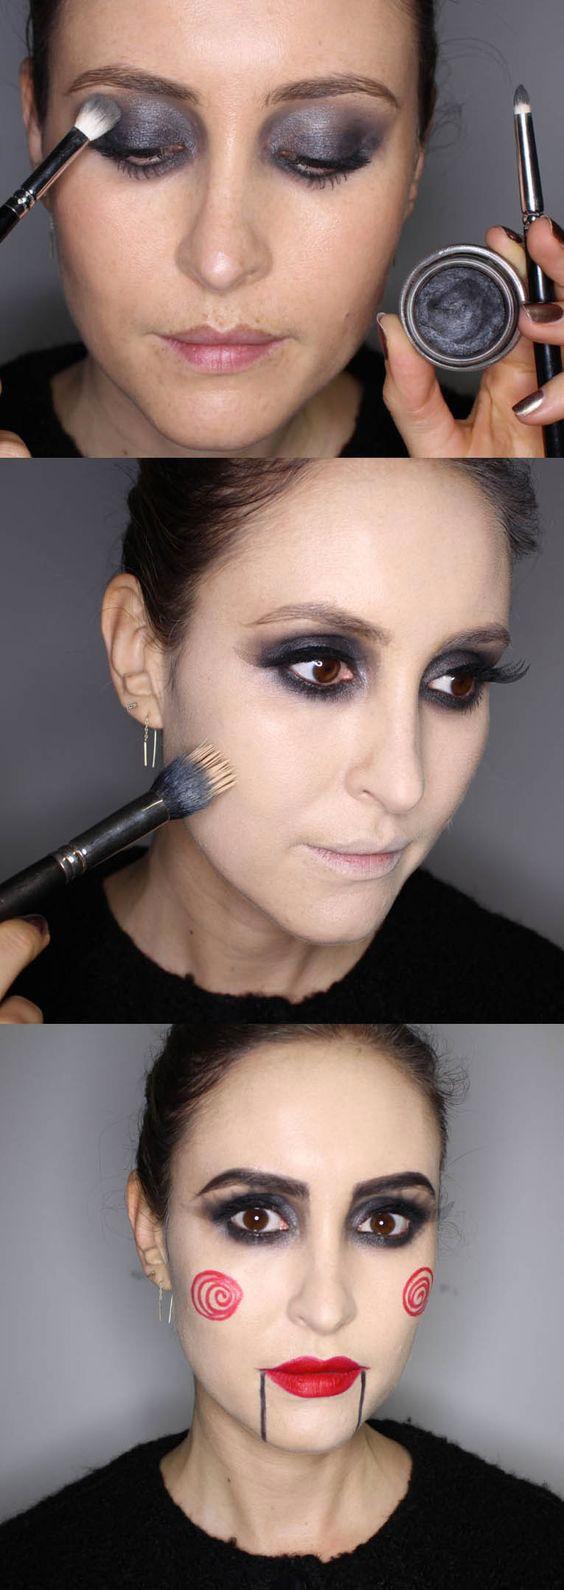 20 Easy Halloween Makeup Tutorials Even Beginners Can Do